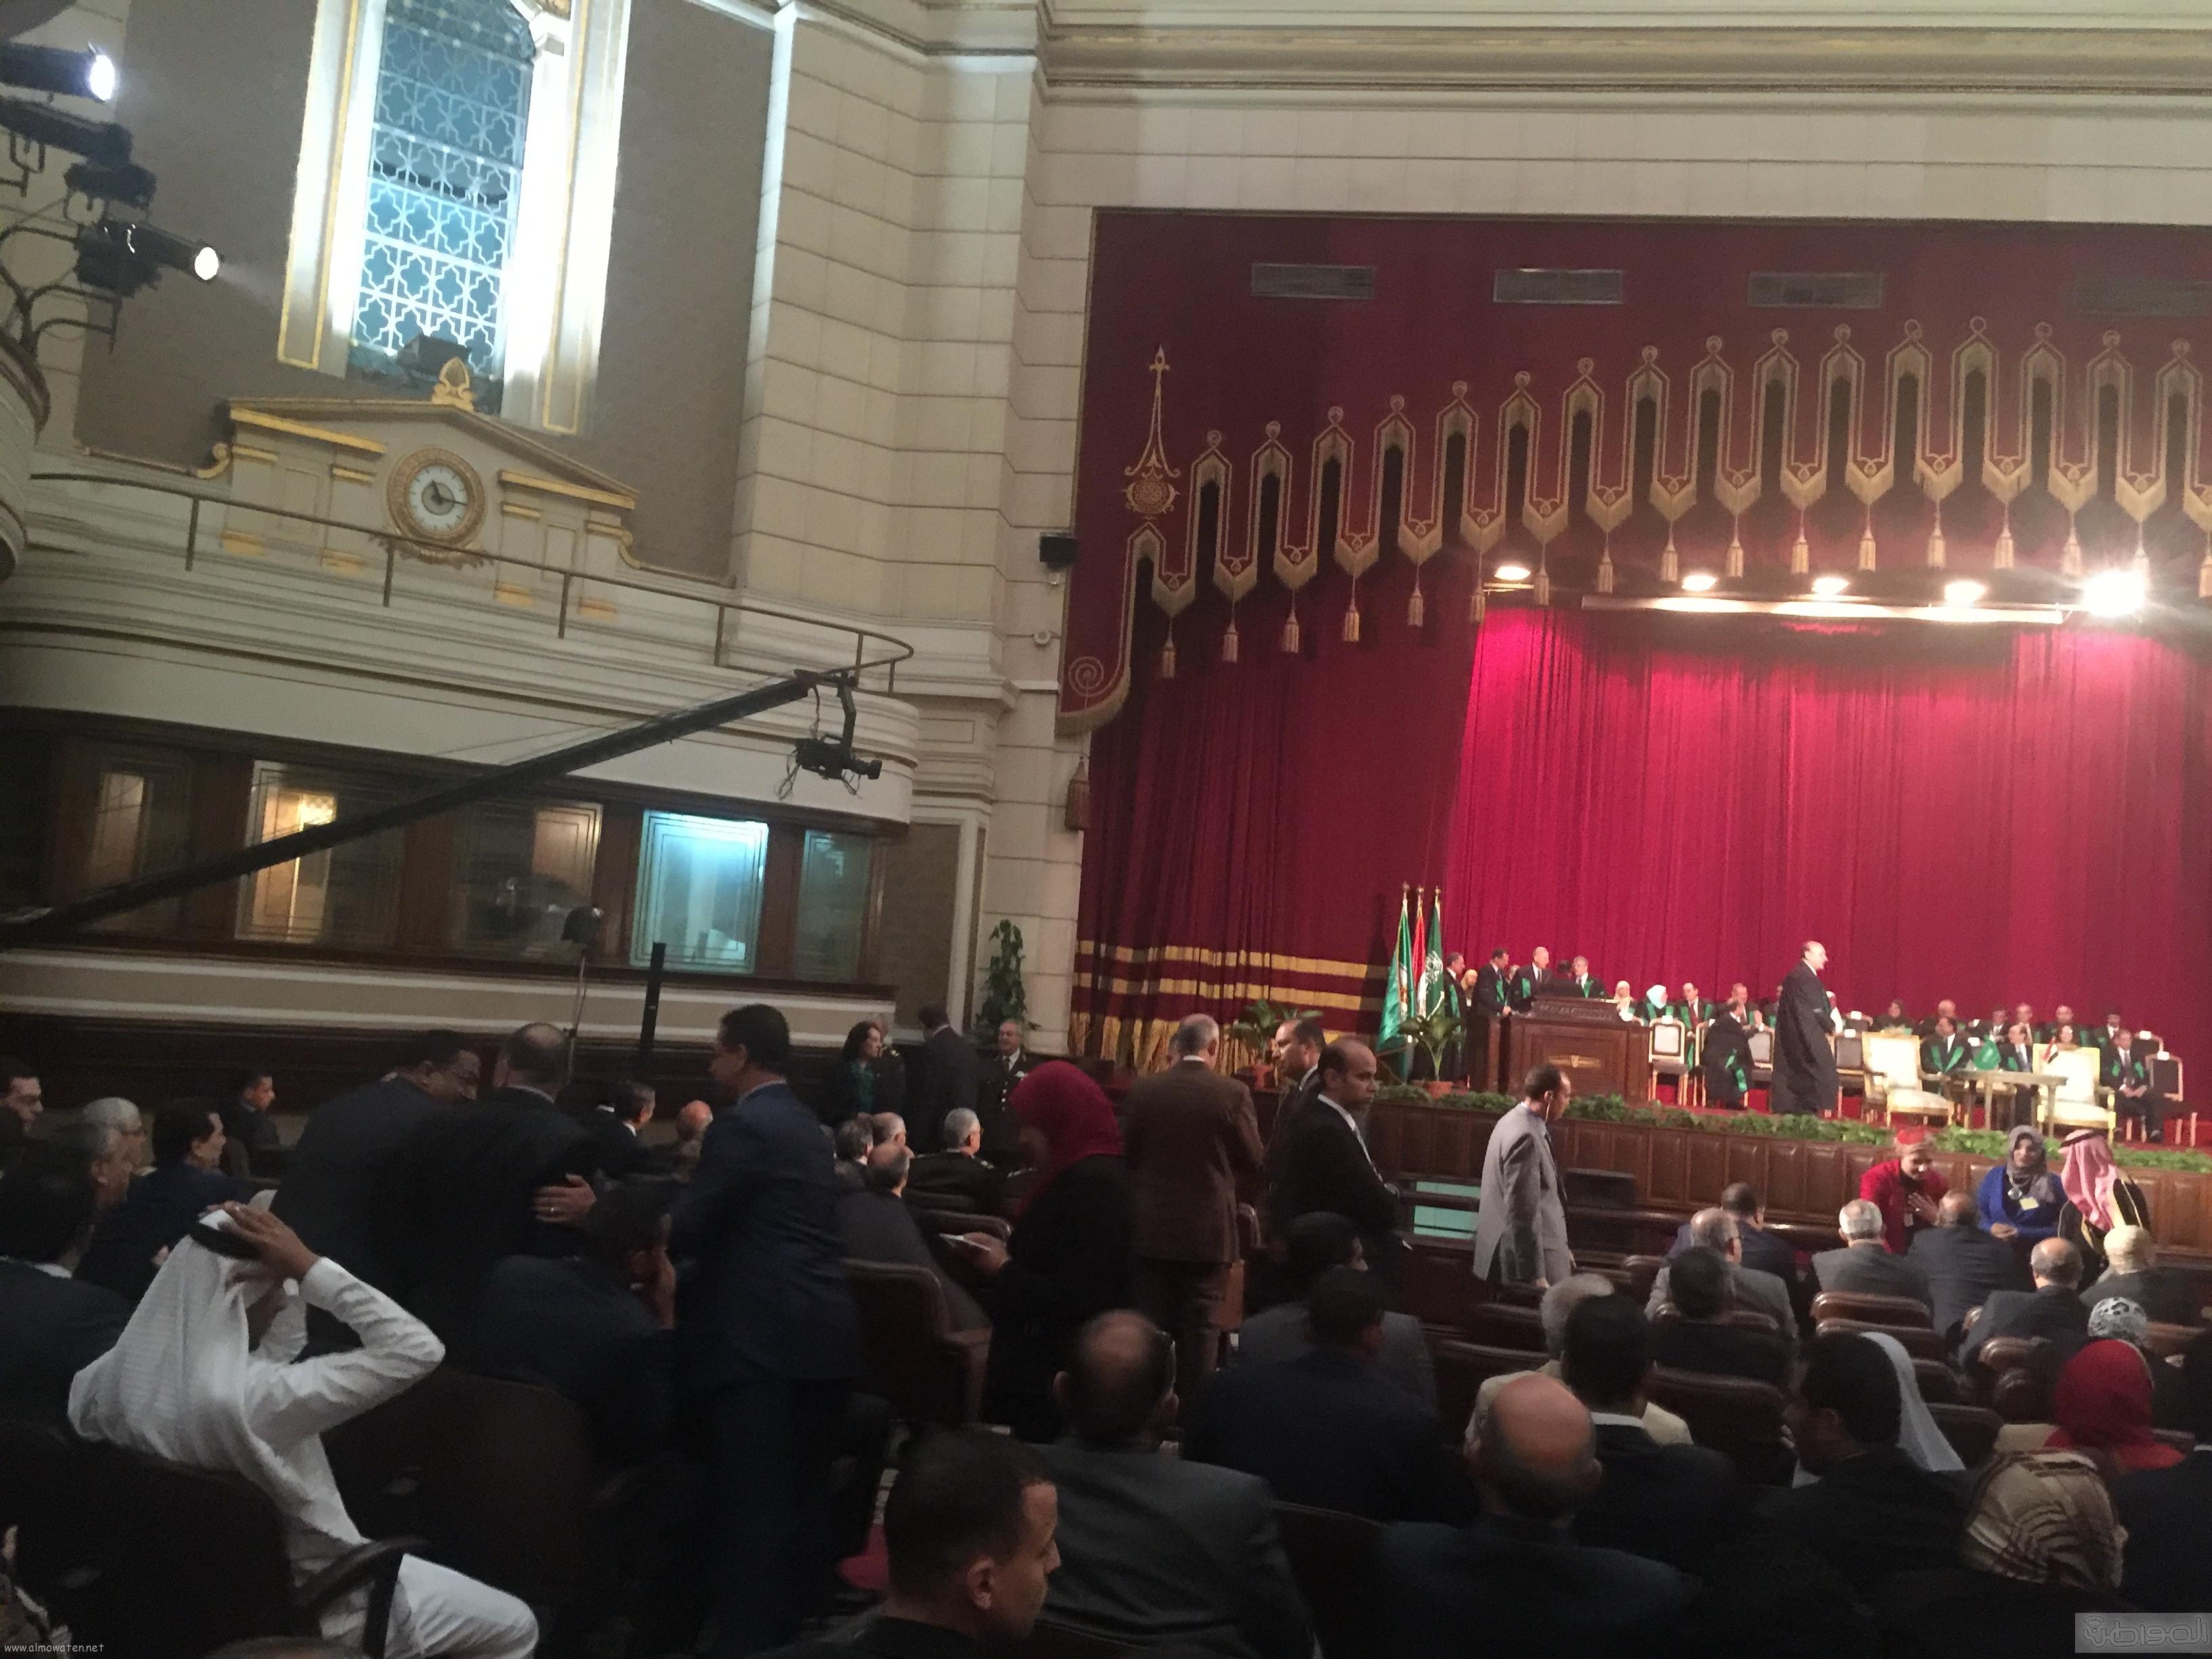 جامعة القاهرة تستعد لاستقبال الملك سلمان (3)